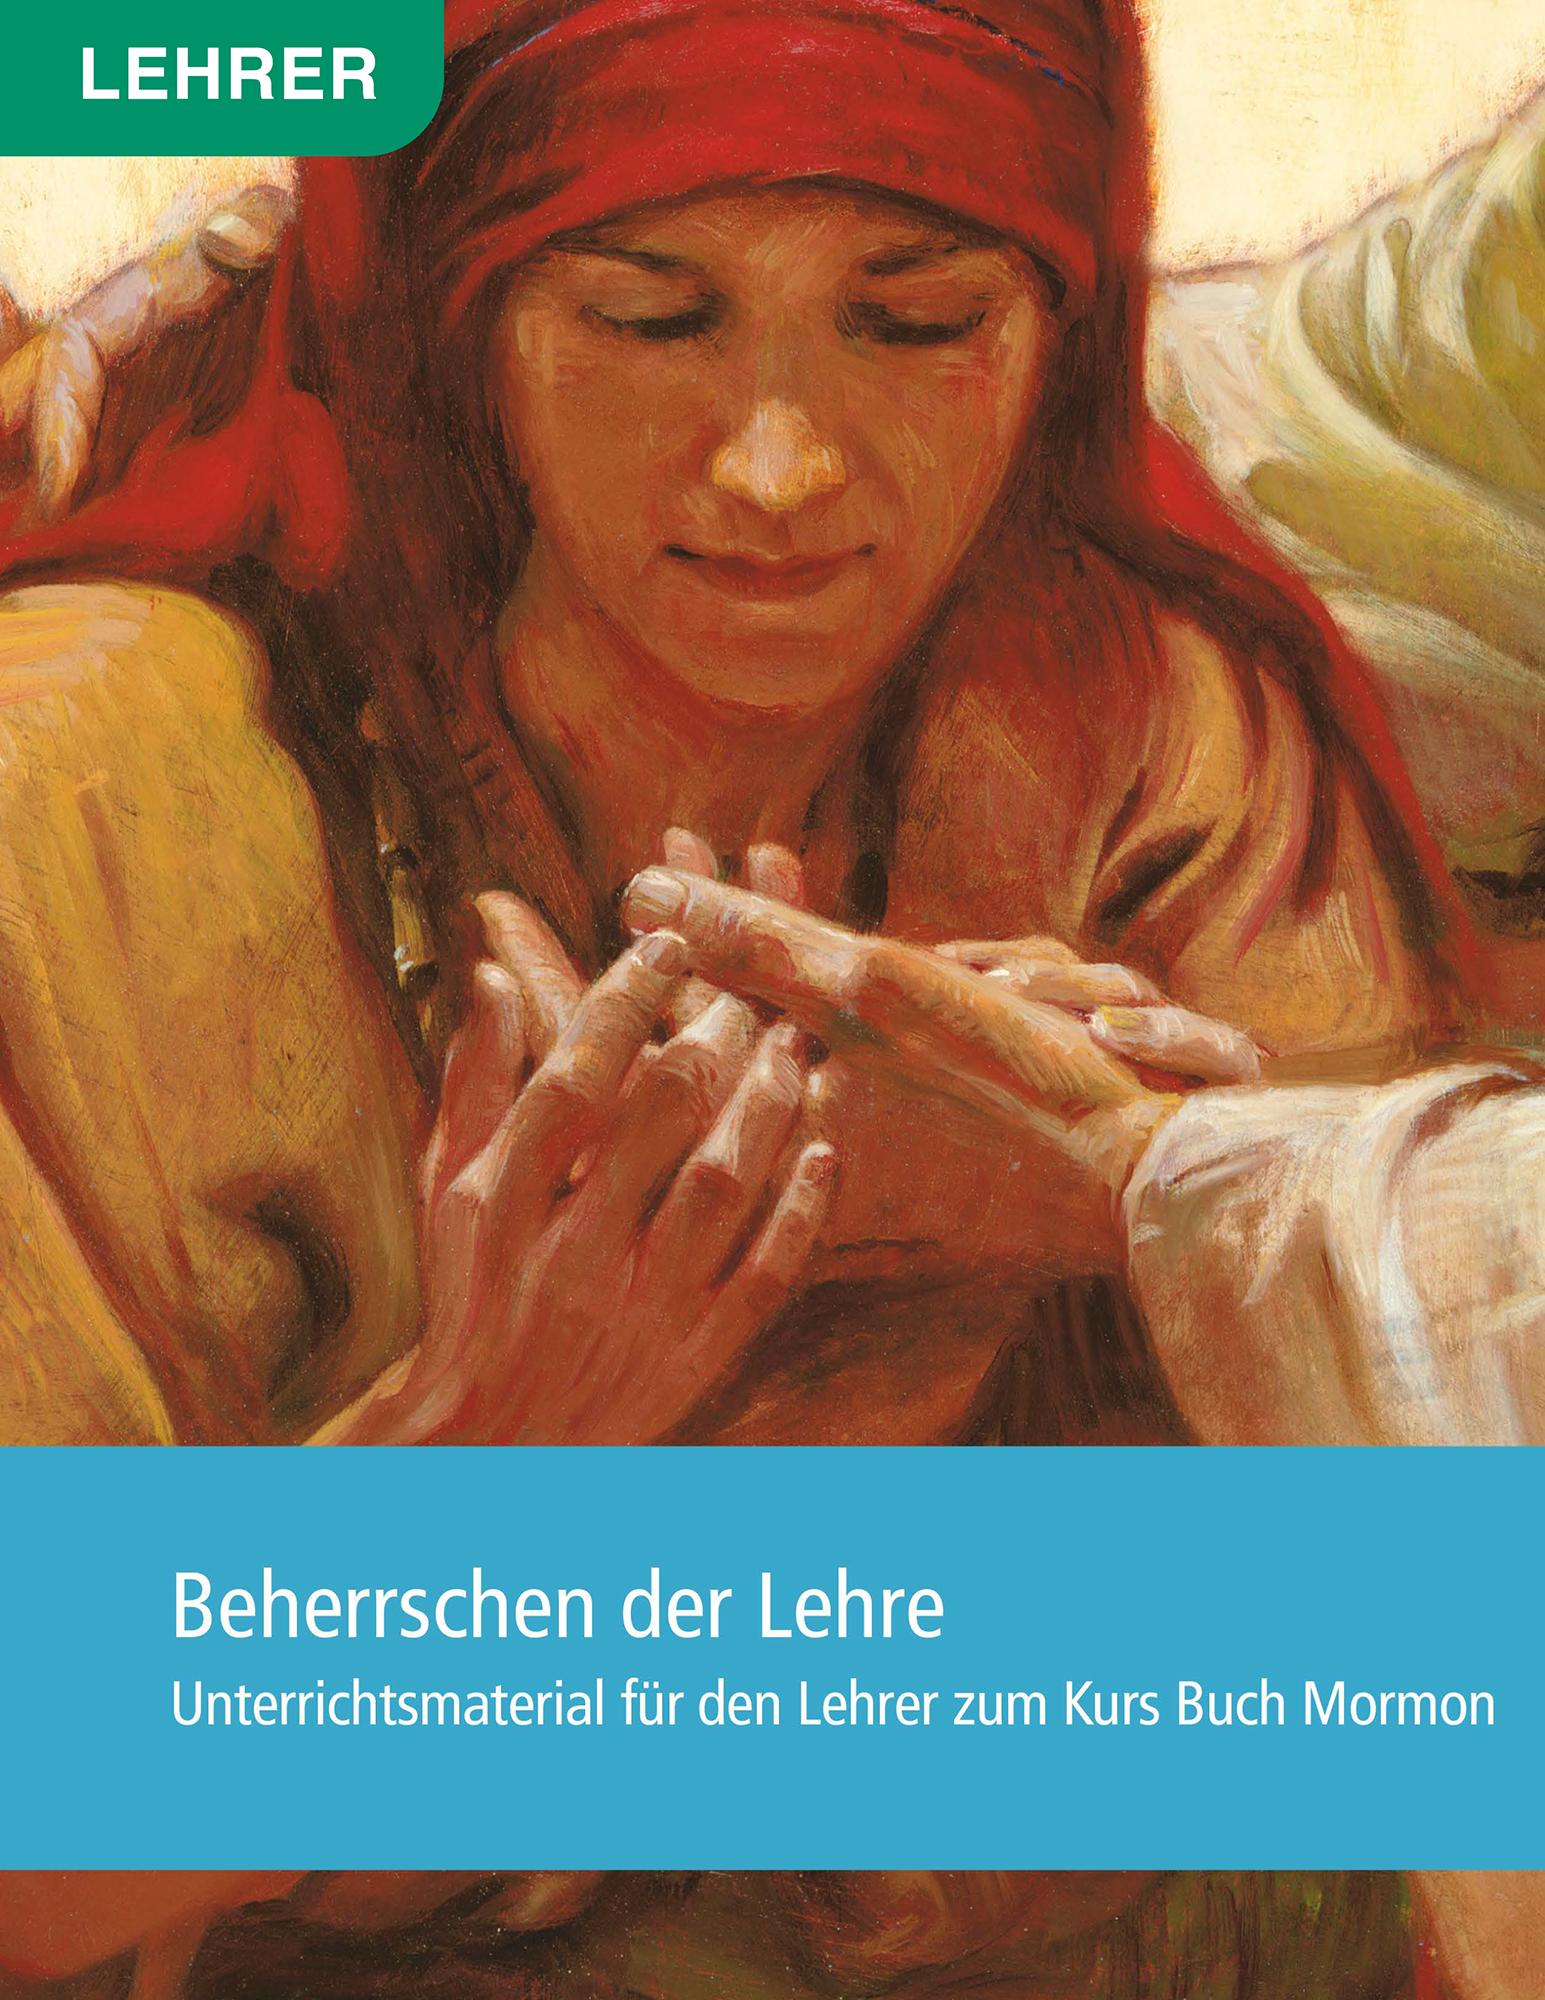 Beherrschen der Lehre – Unterrichtsmaterial für den Lehrer zum Kurs Buch Mormon